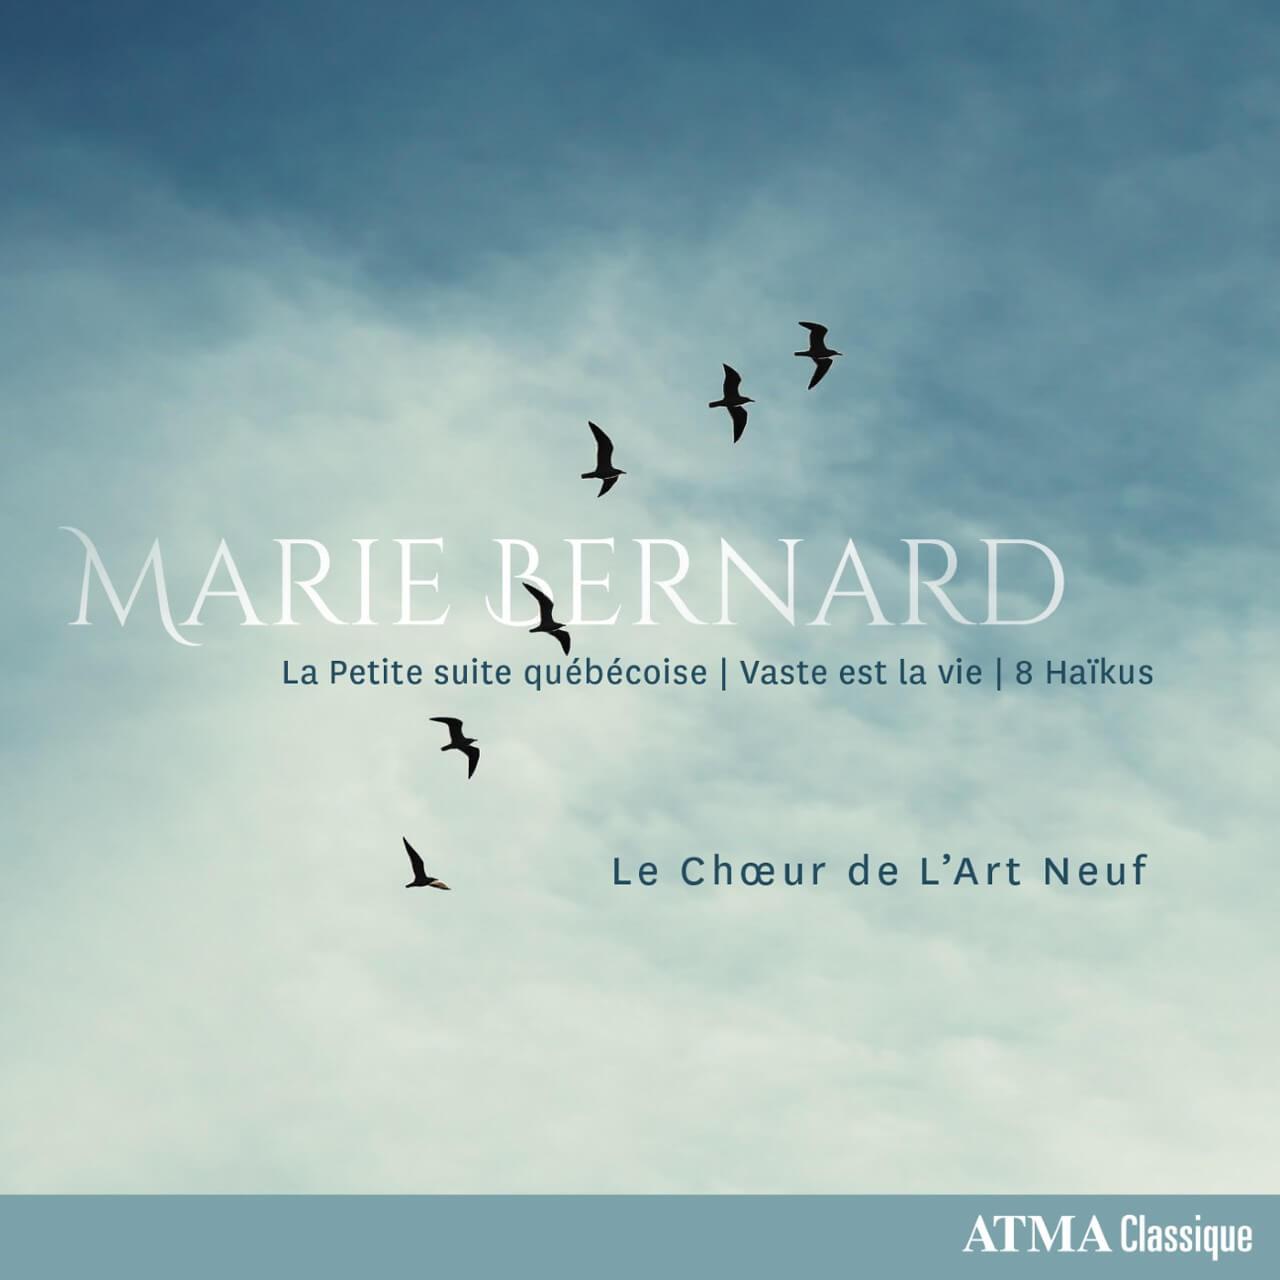 Couverture de La Petite suite québécoise de Marie Bernard sur étiquette ATMA, vol d'oiseau sur ciel ennuagé